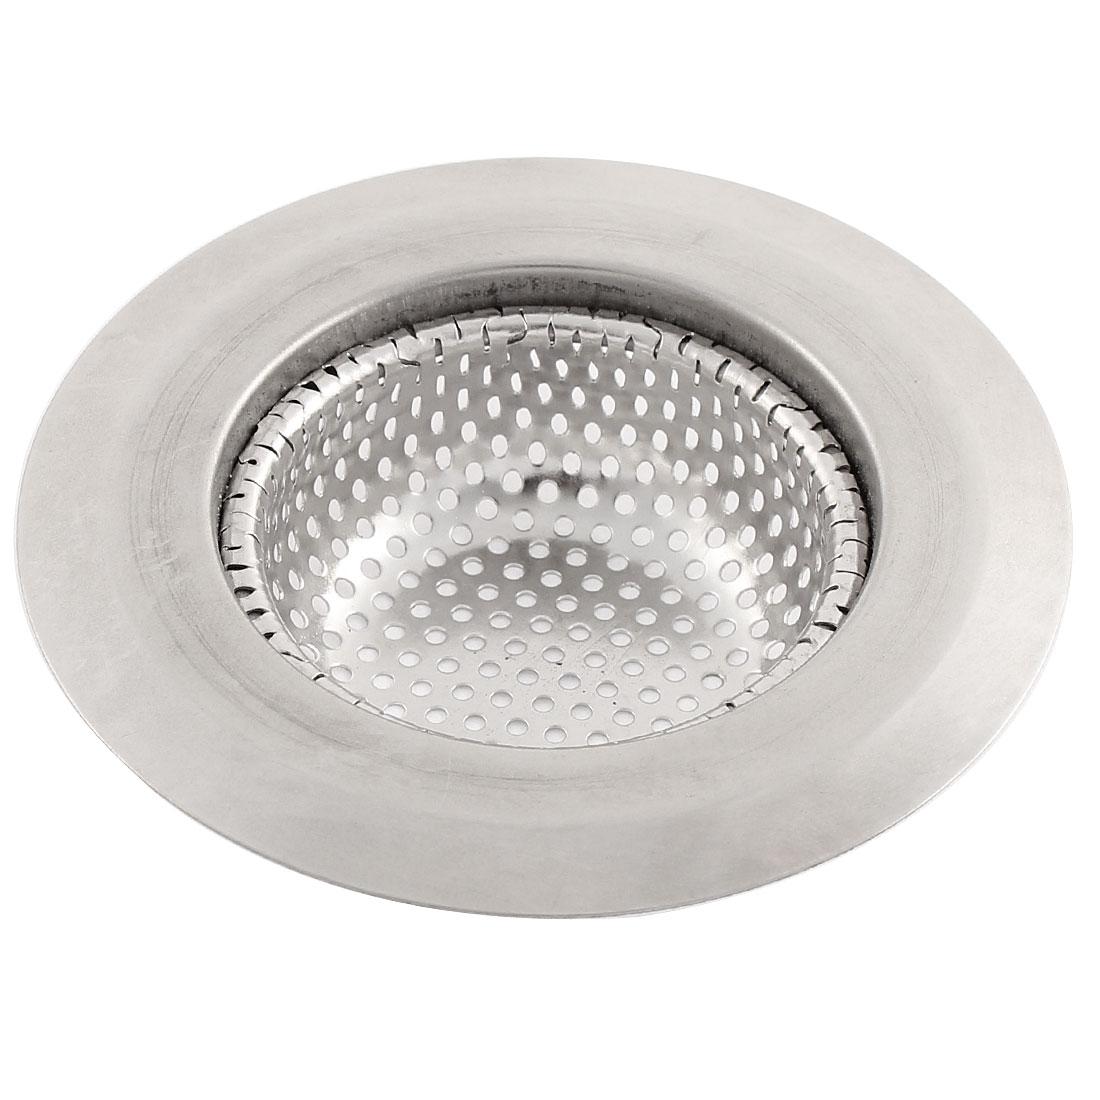 Kitchen Bathtub Waste Filter Drain Hair Blocker Basin Strainer Silver Tone